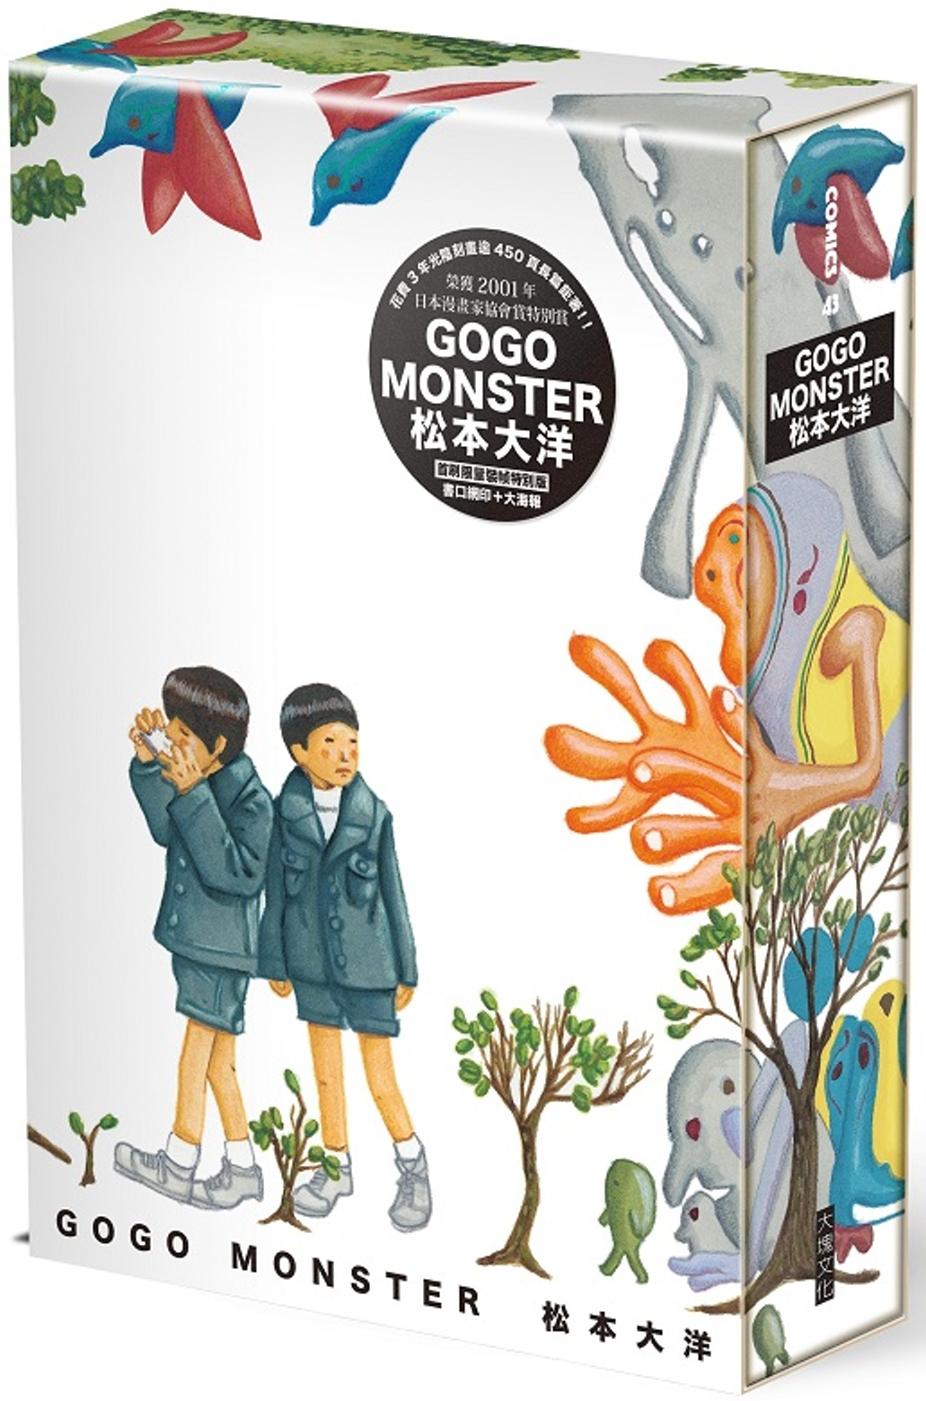 GOGO MONSTER(首刷限量特別裝幀版)